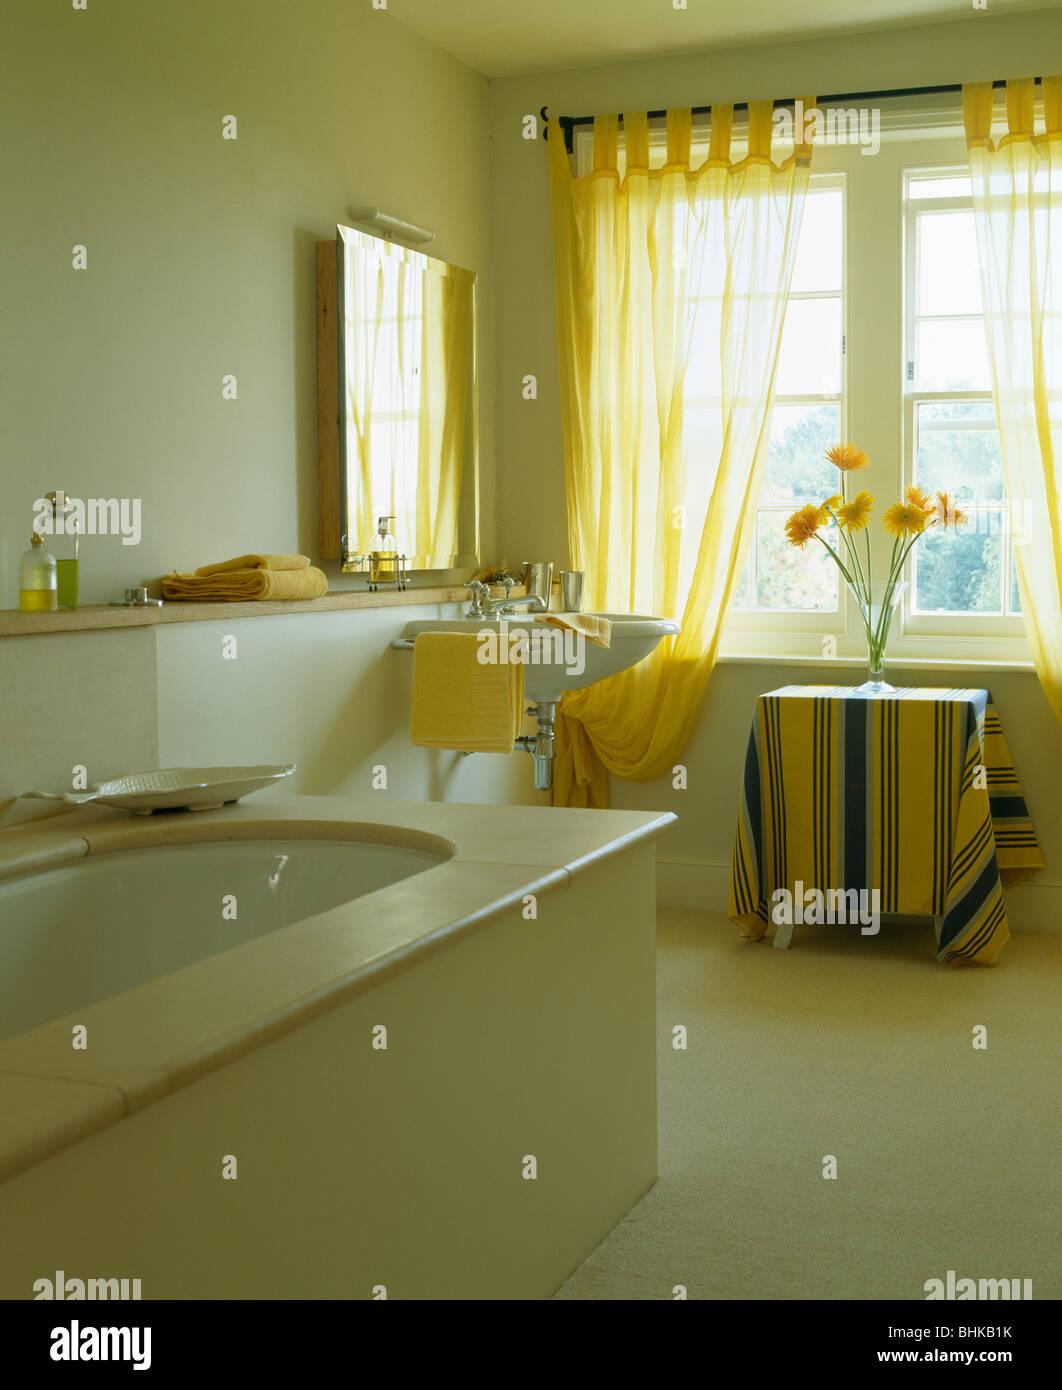 Rideaux en voile jaune pâle pays blanc salle de bain avec ...